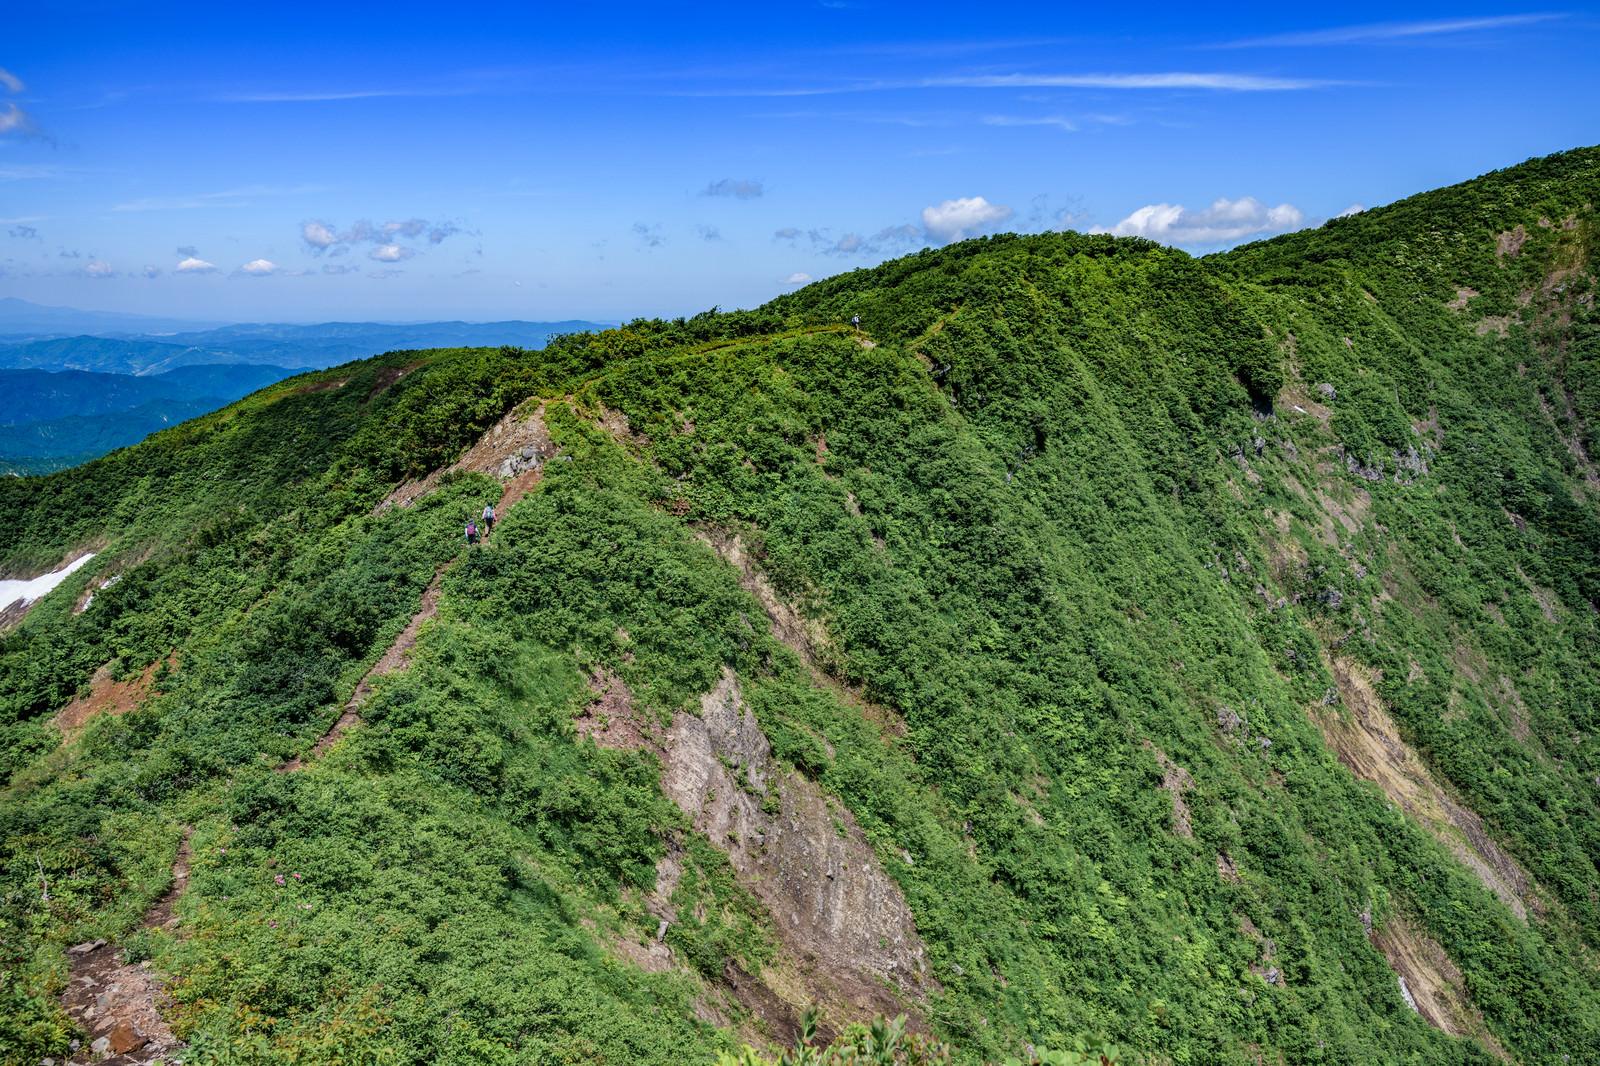 「初夏の浅草岳登山道と登山者」の写真